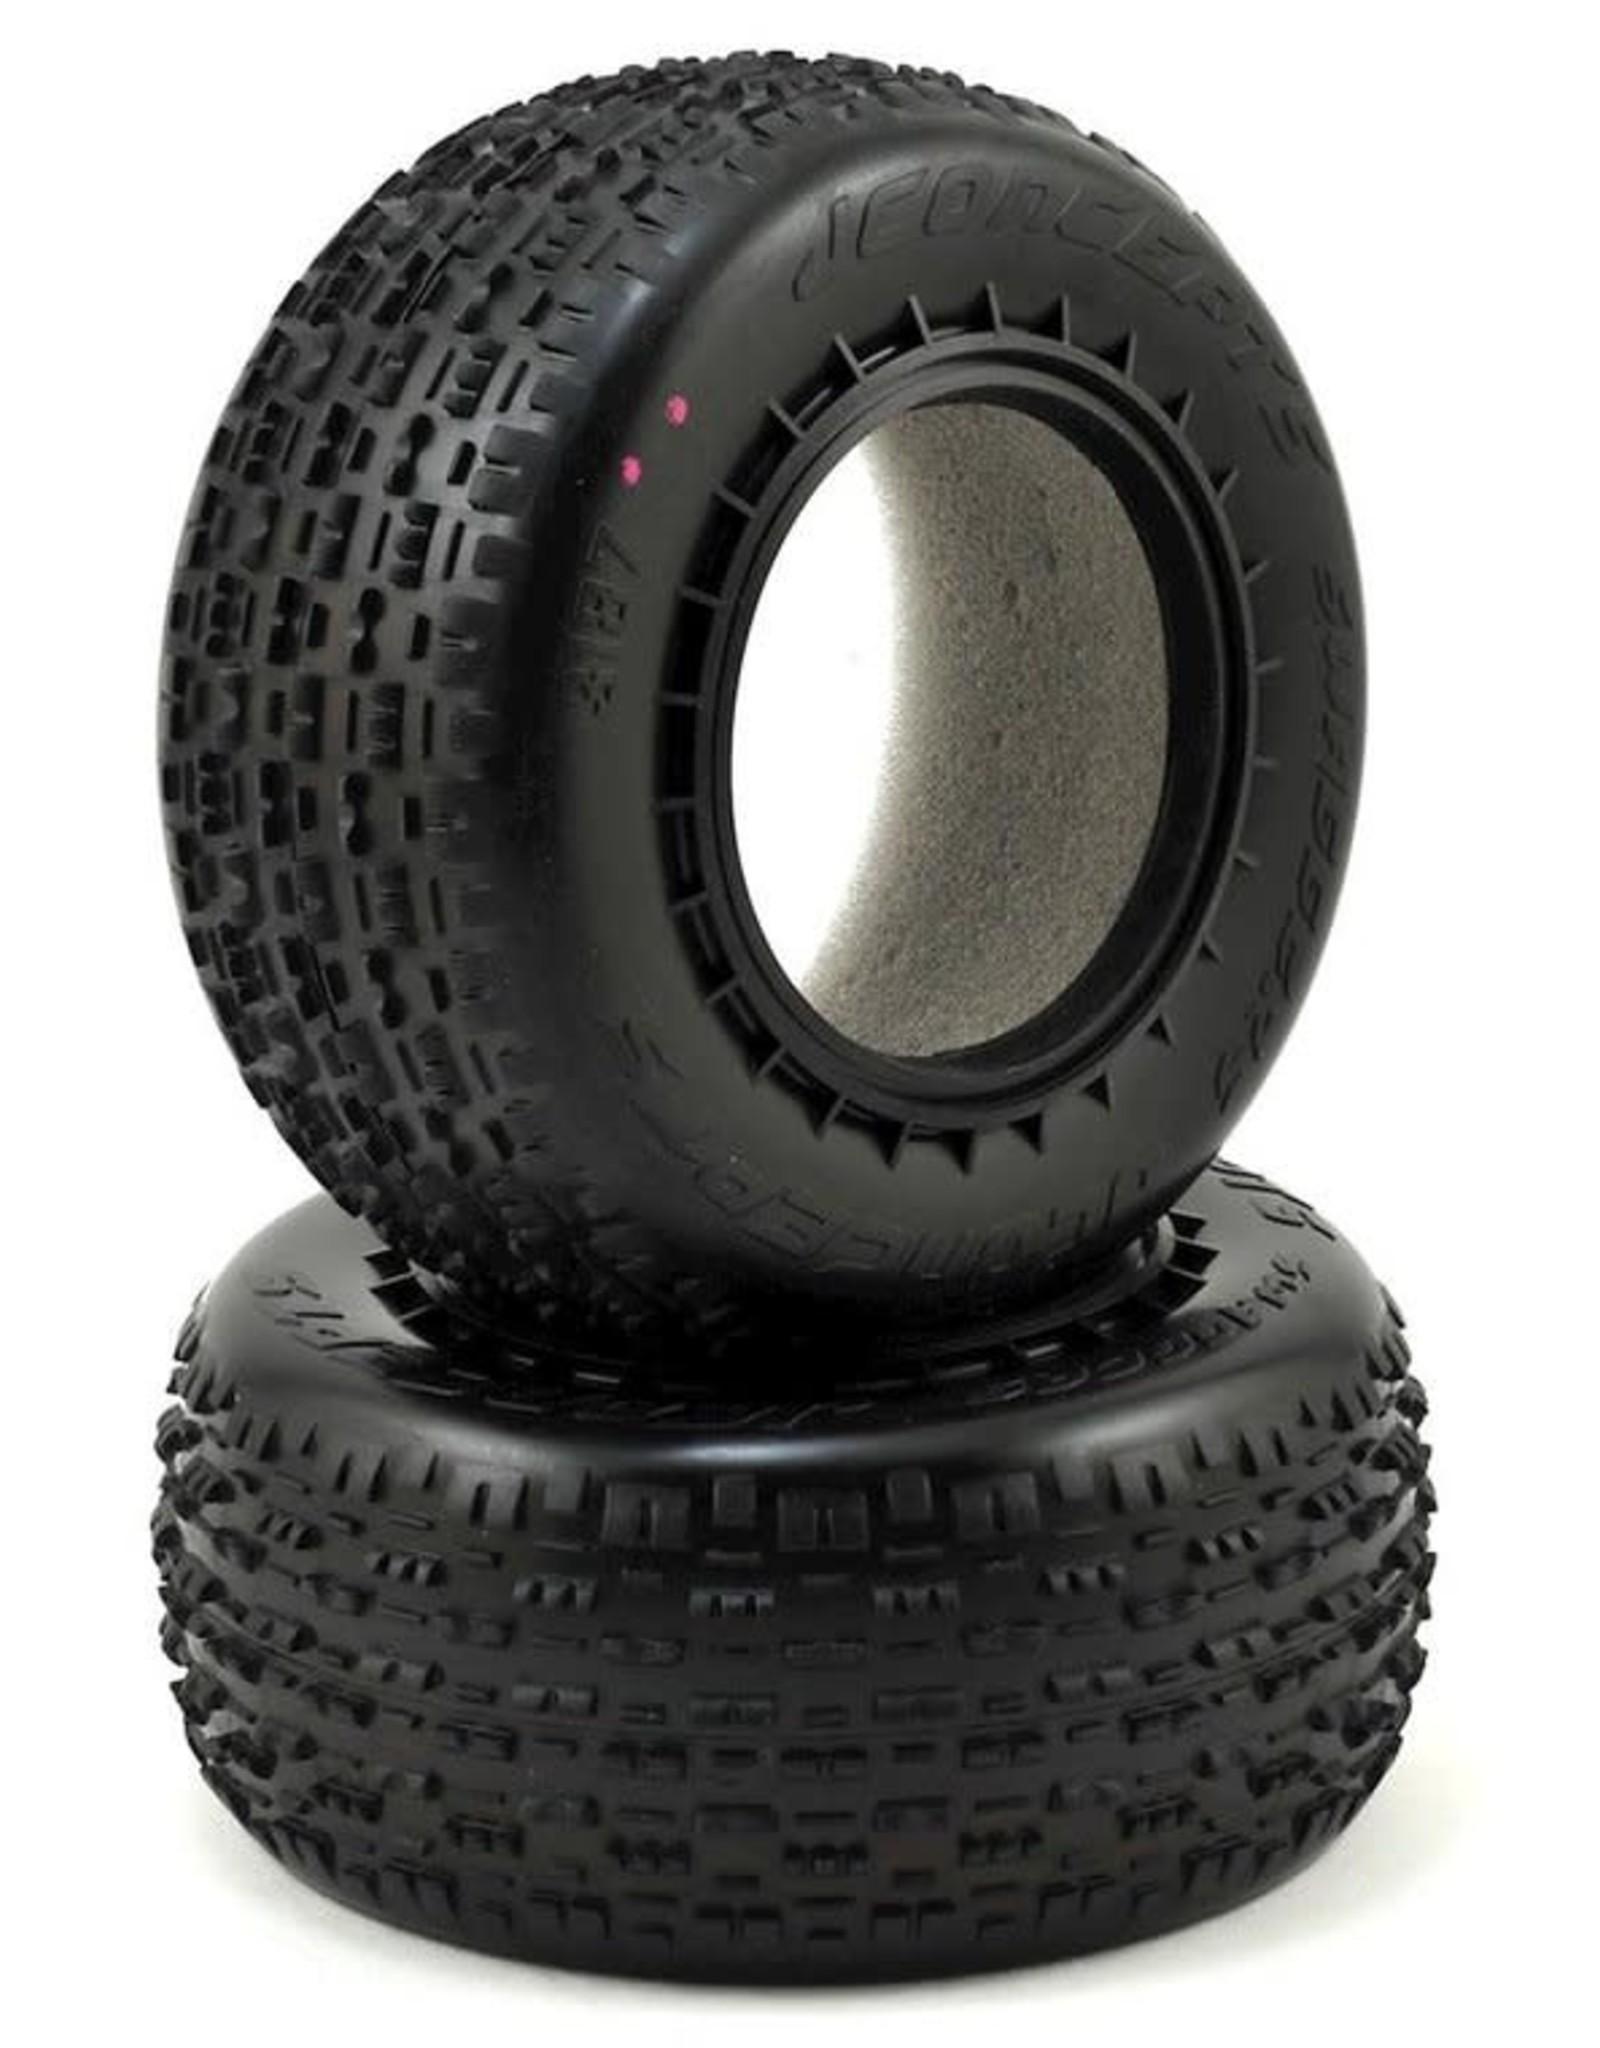 JConcepts JConcepts Swaggers Carpet Short Course Front Tires (2) (Pink) JCO3187-010